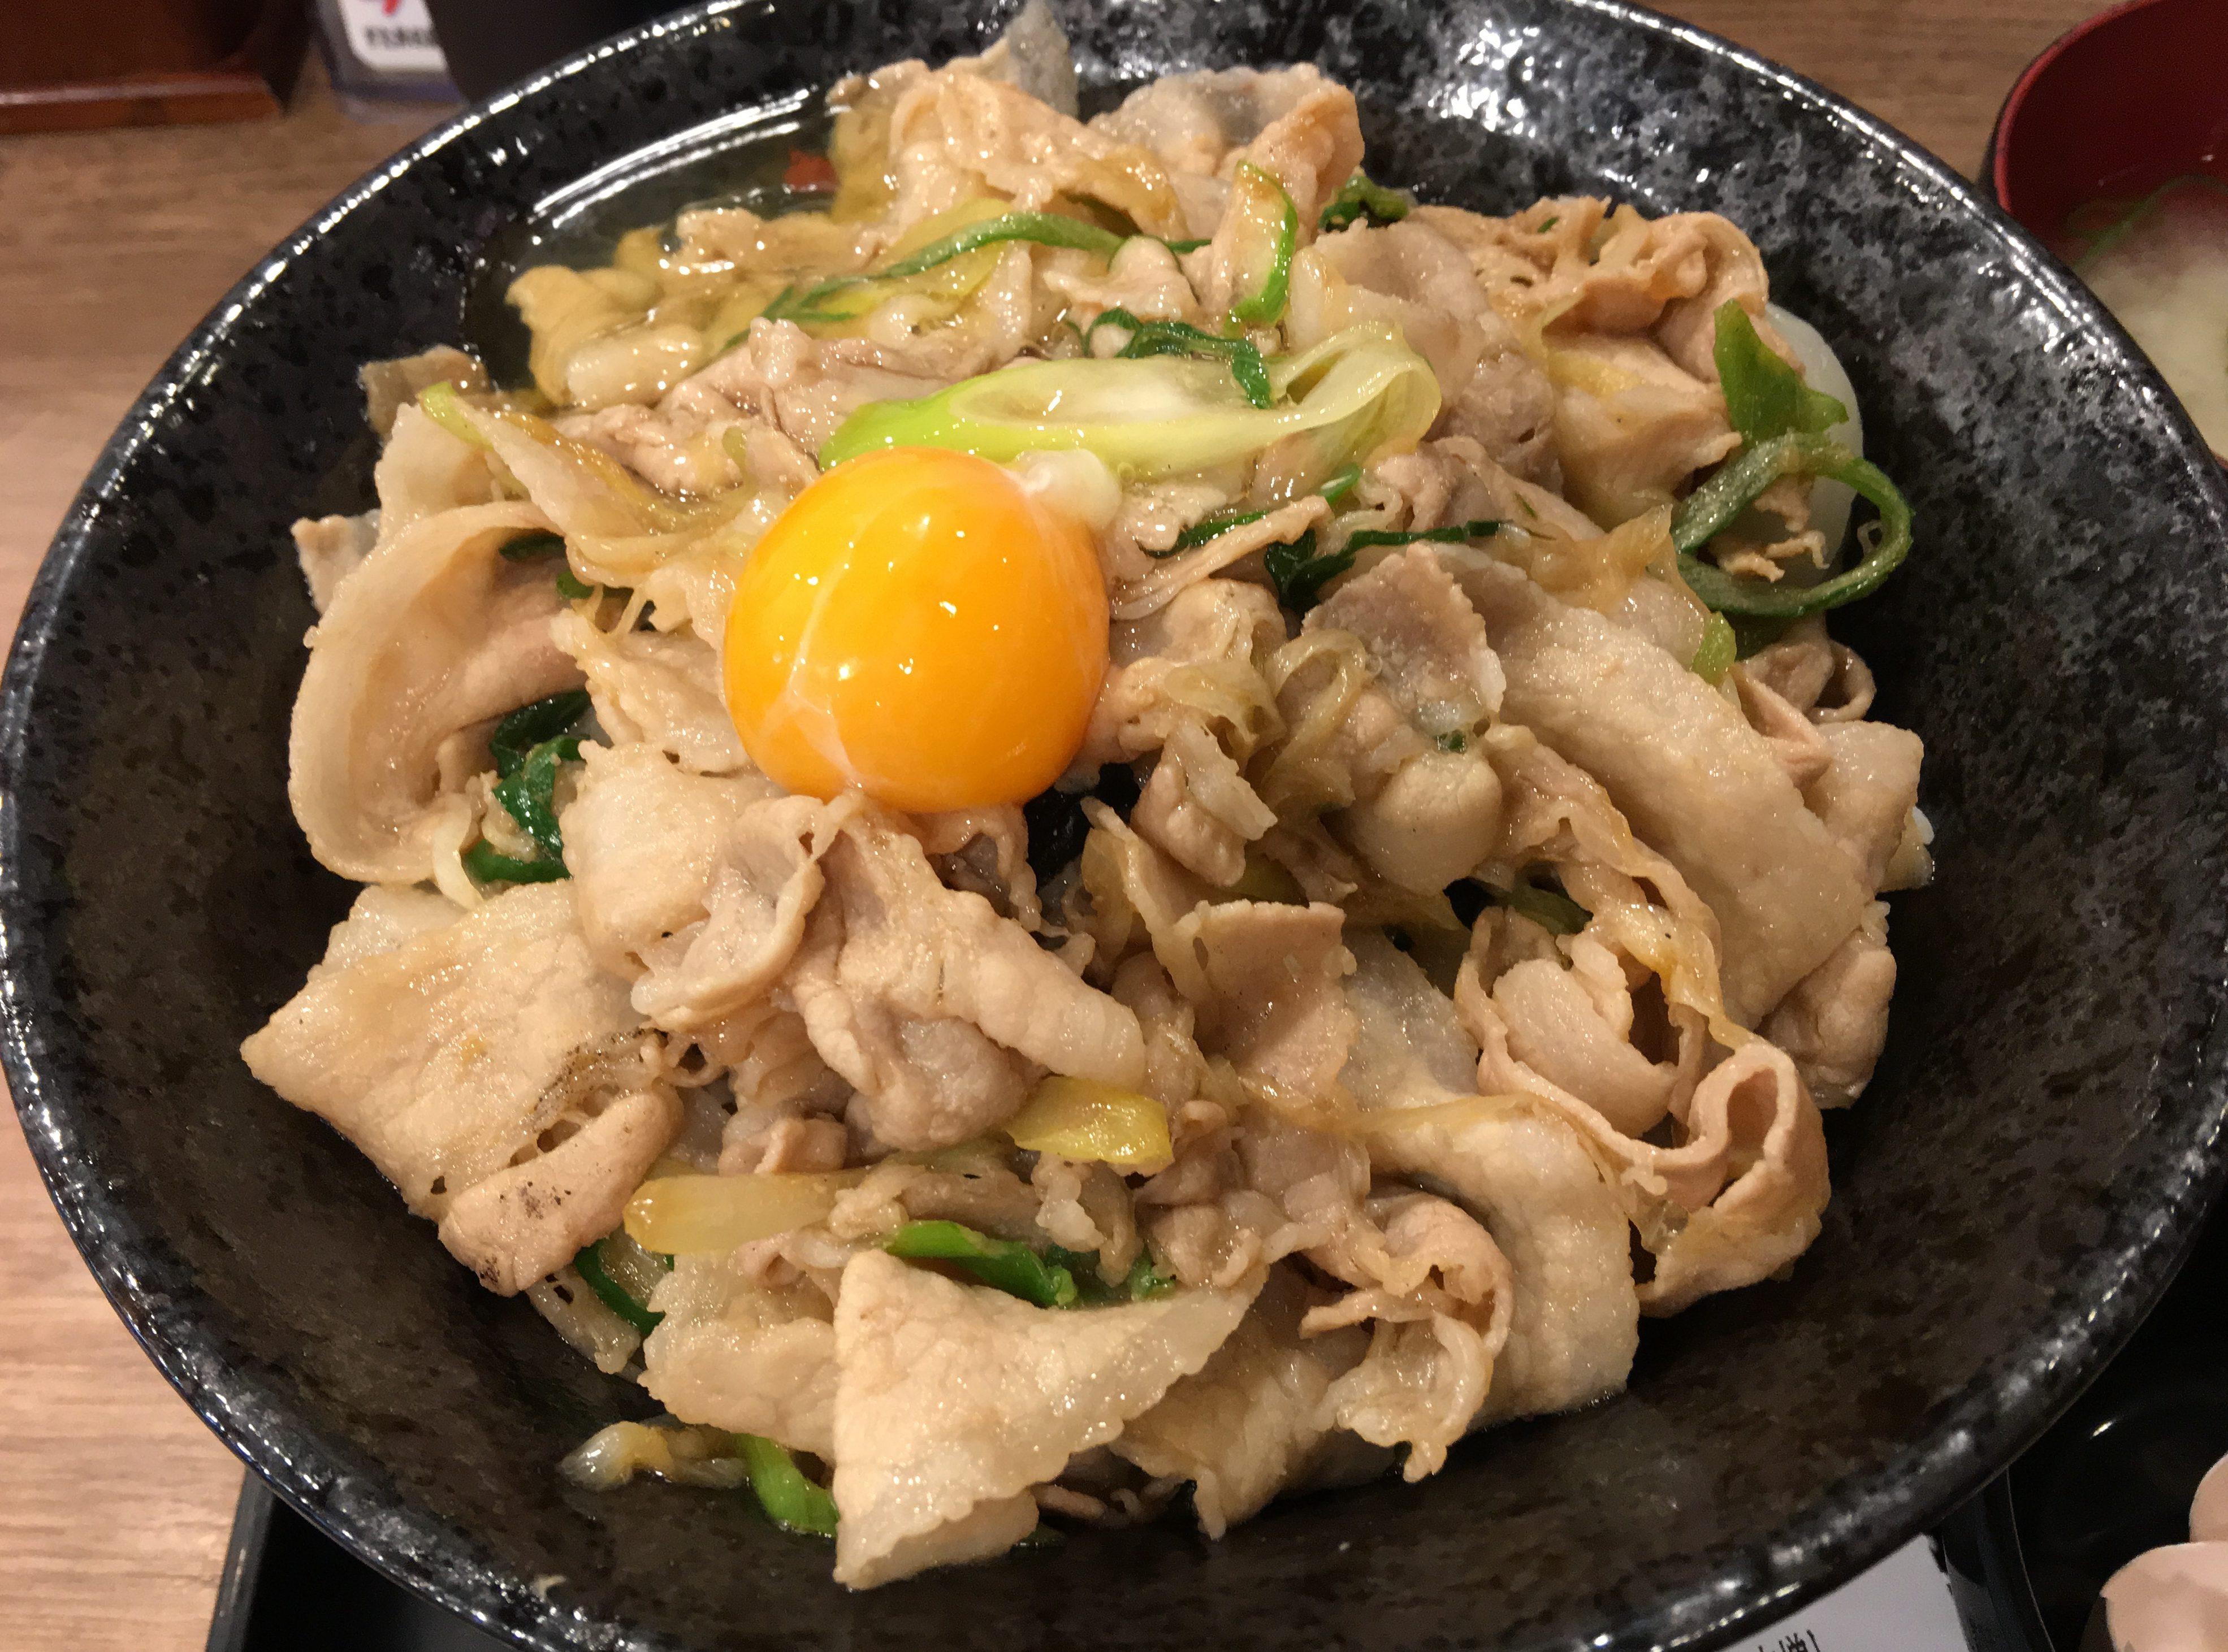 伝説のすた丼屋 亀戸店 – Shinagawa